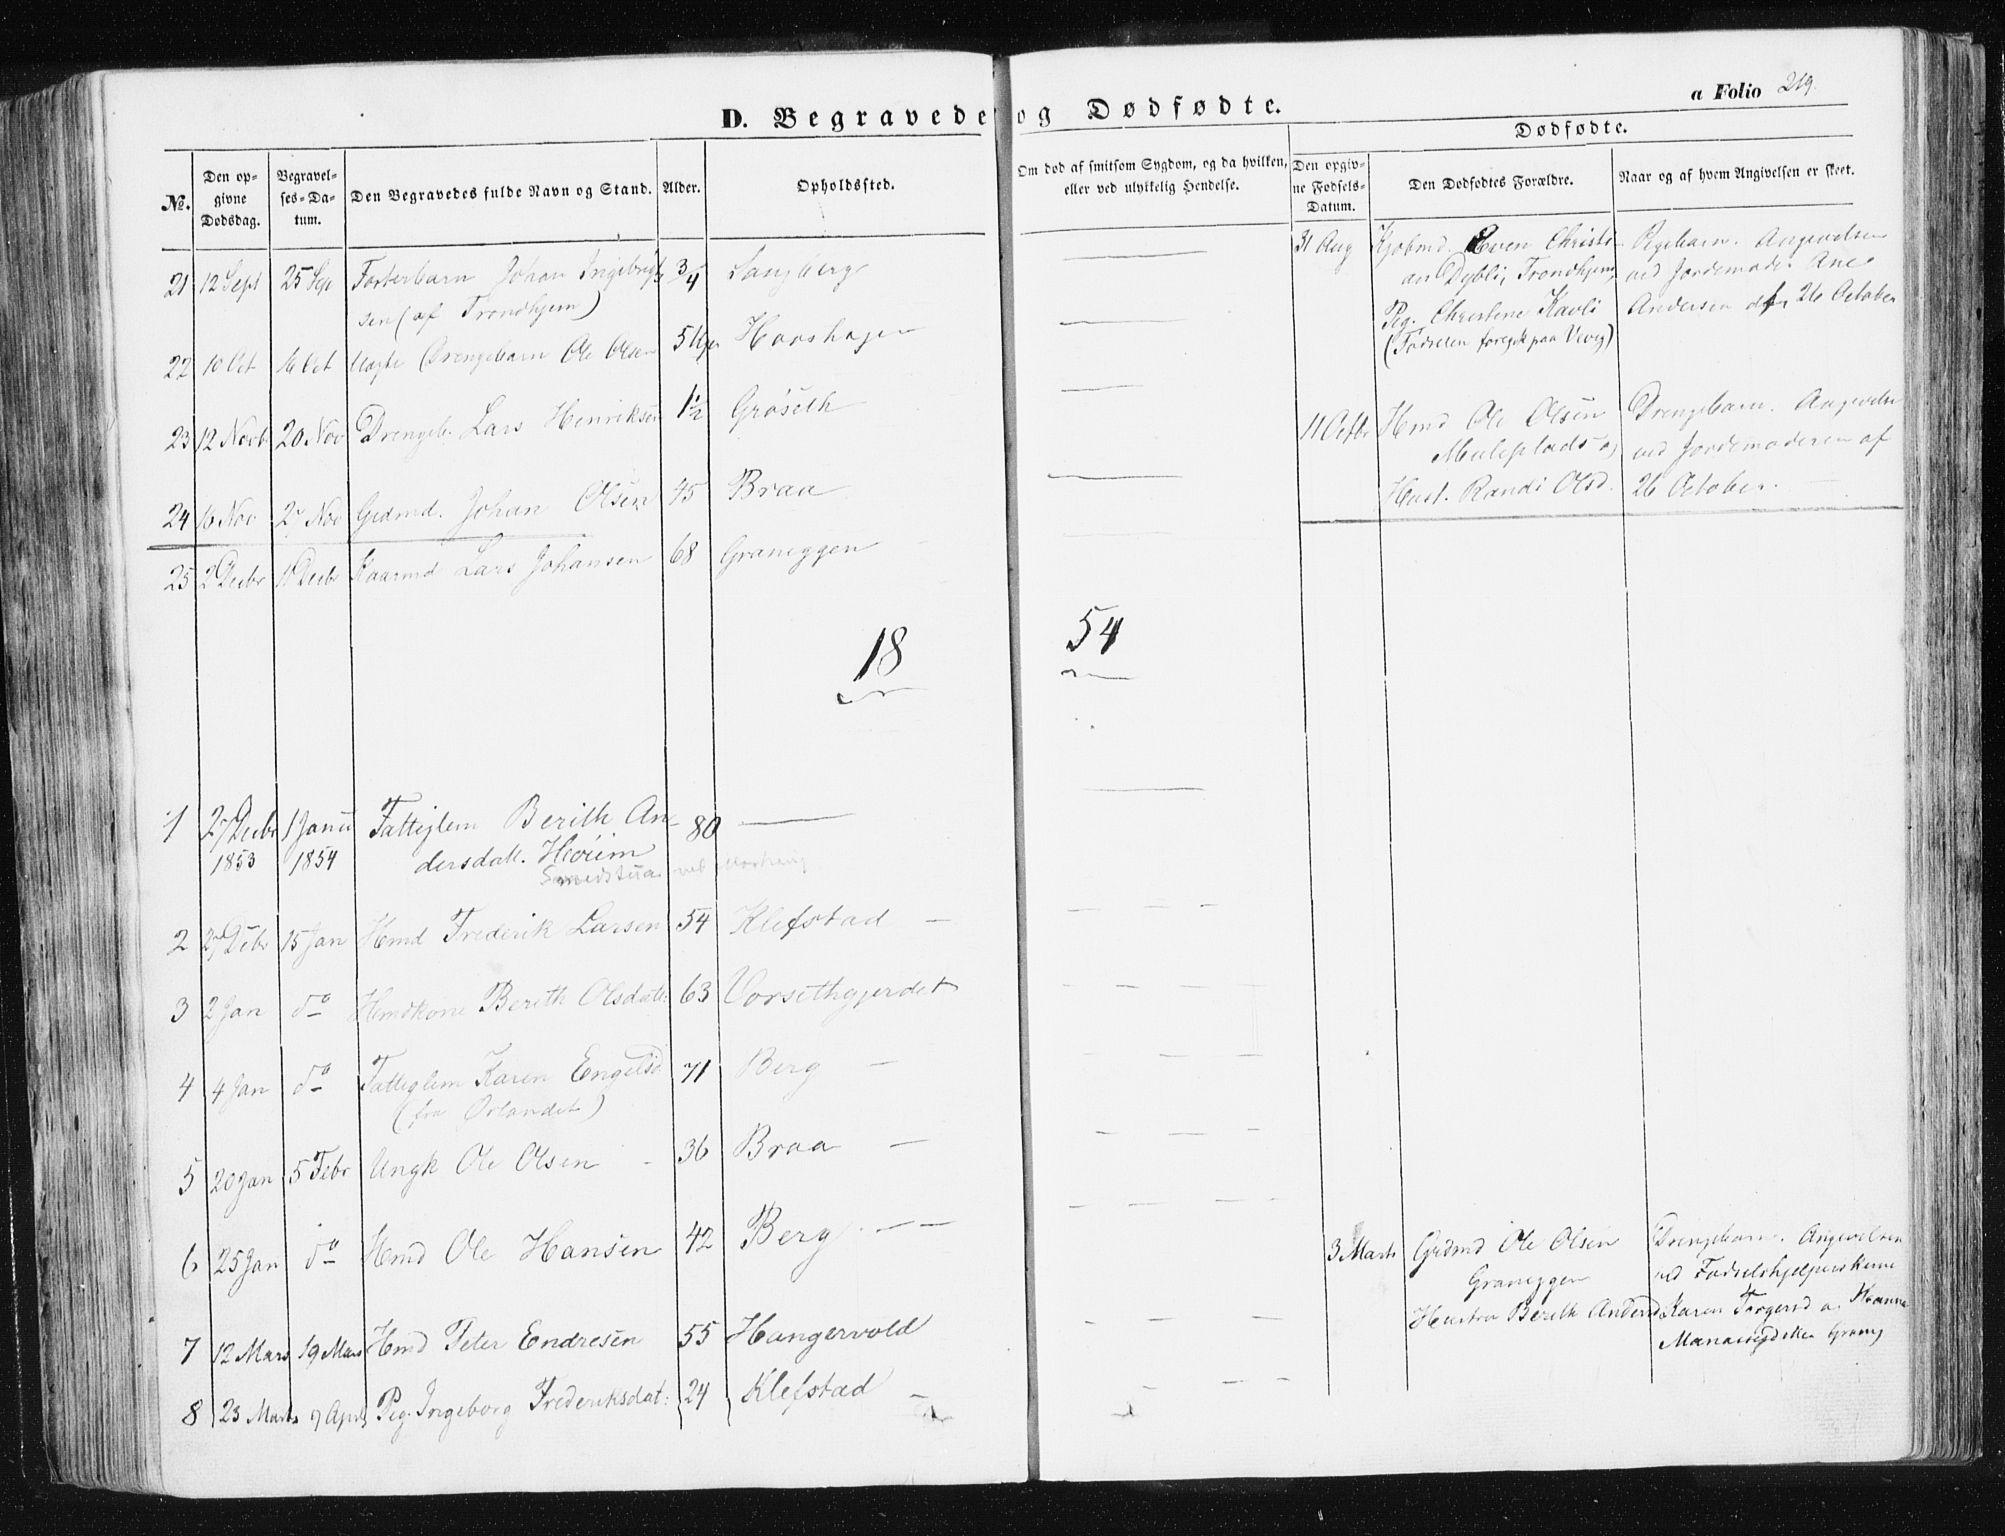 SAT, Ministerialprotokoller, klokkerbøker og fødselsregistre - Sør-Trøndelag, 612/L0376: Ministerialbok nr. 612A08, 1846-1859, s. 219